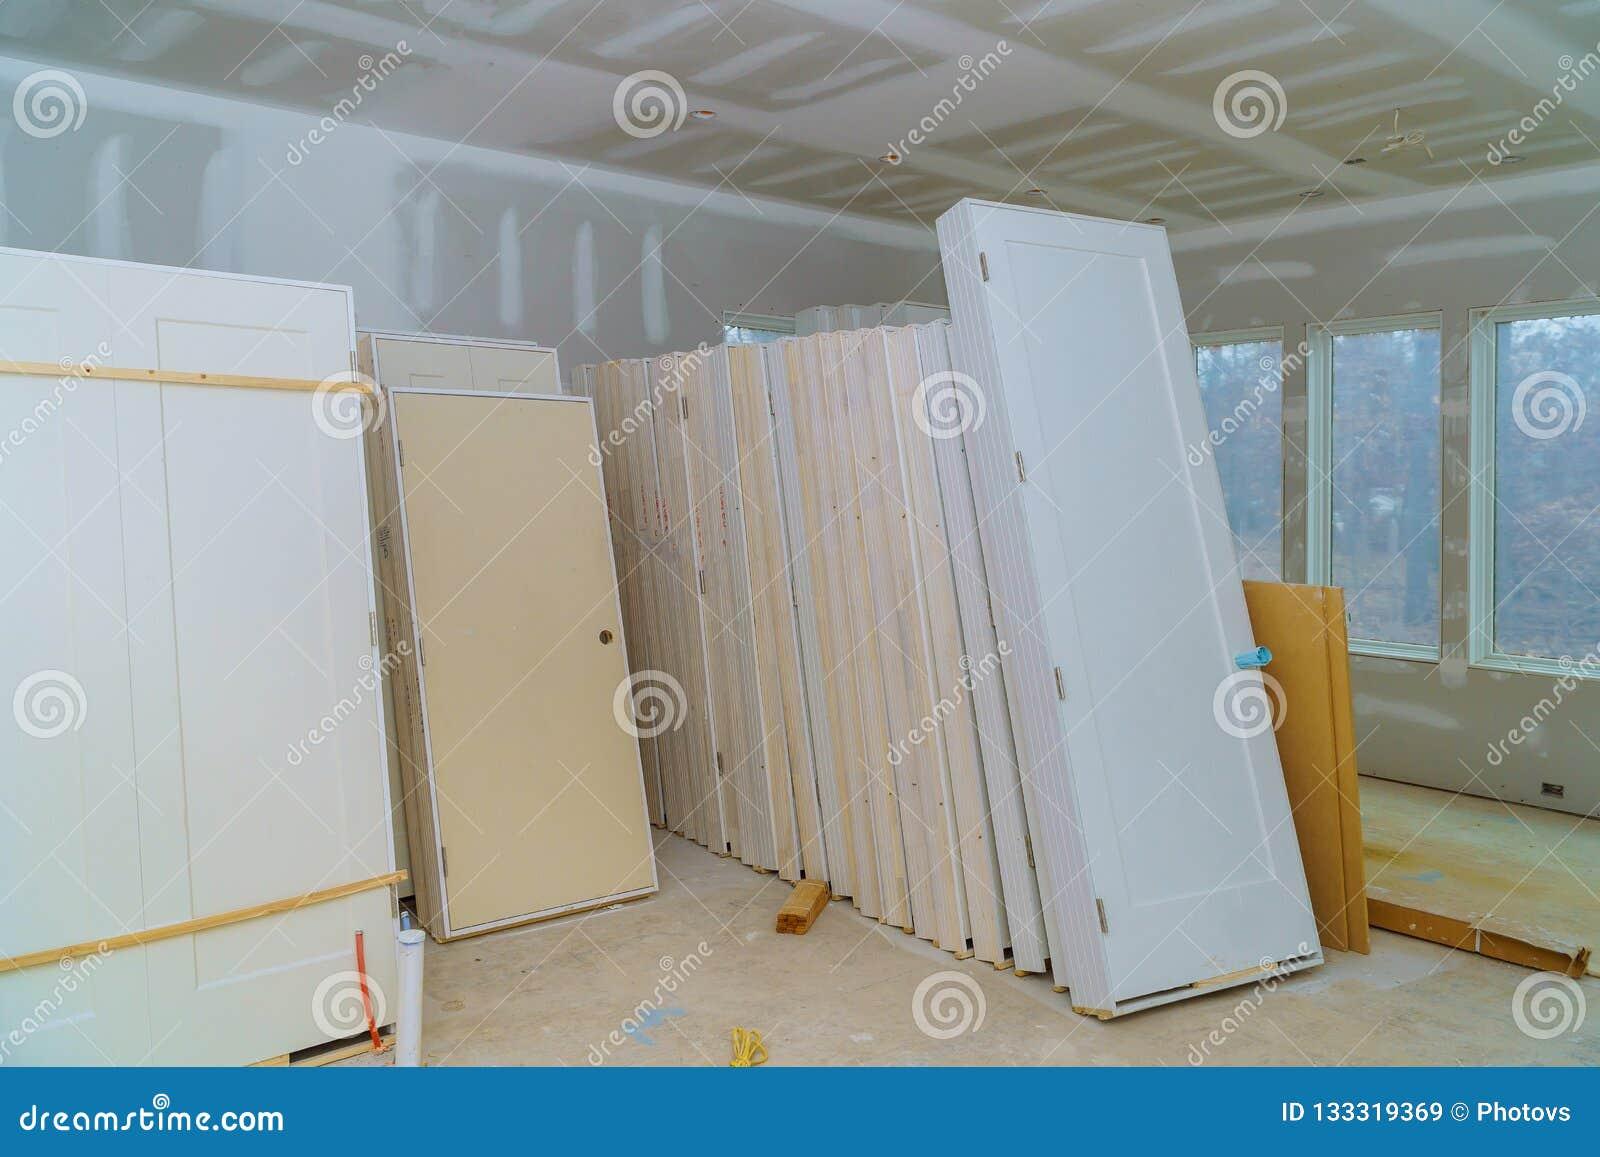 Материал для ремонтов в квартире под конструкцией, remodeling, отстраивать заново и реновации для нового дома дверь раньше